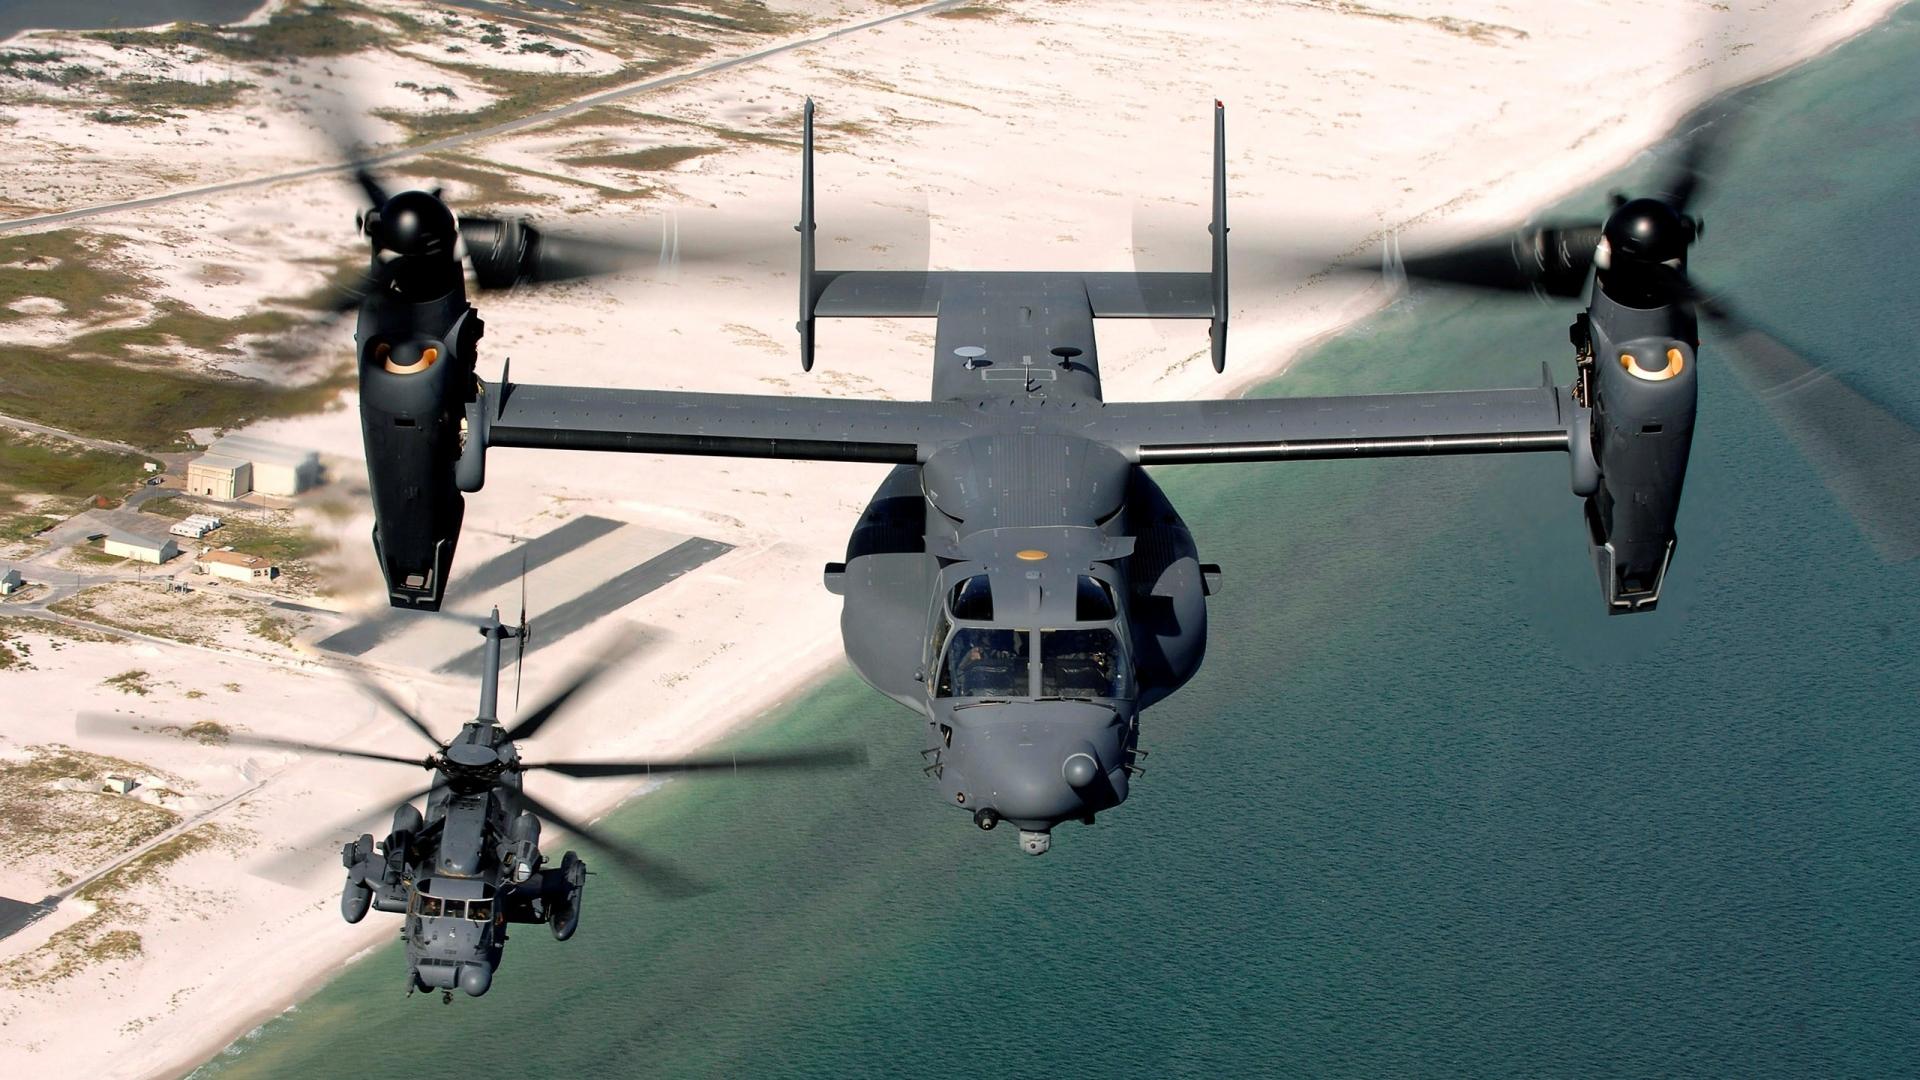 V-22 Osprey - 1920x1080